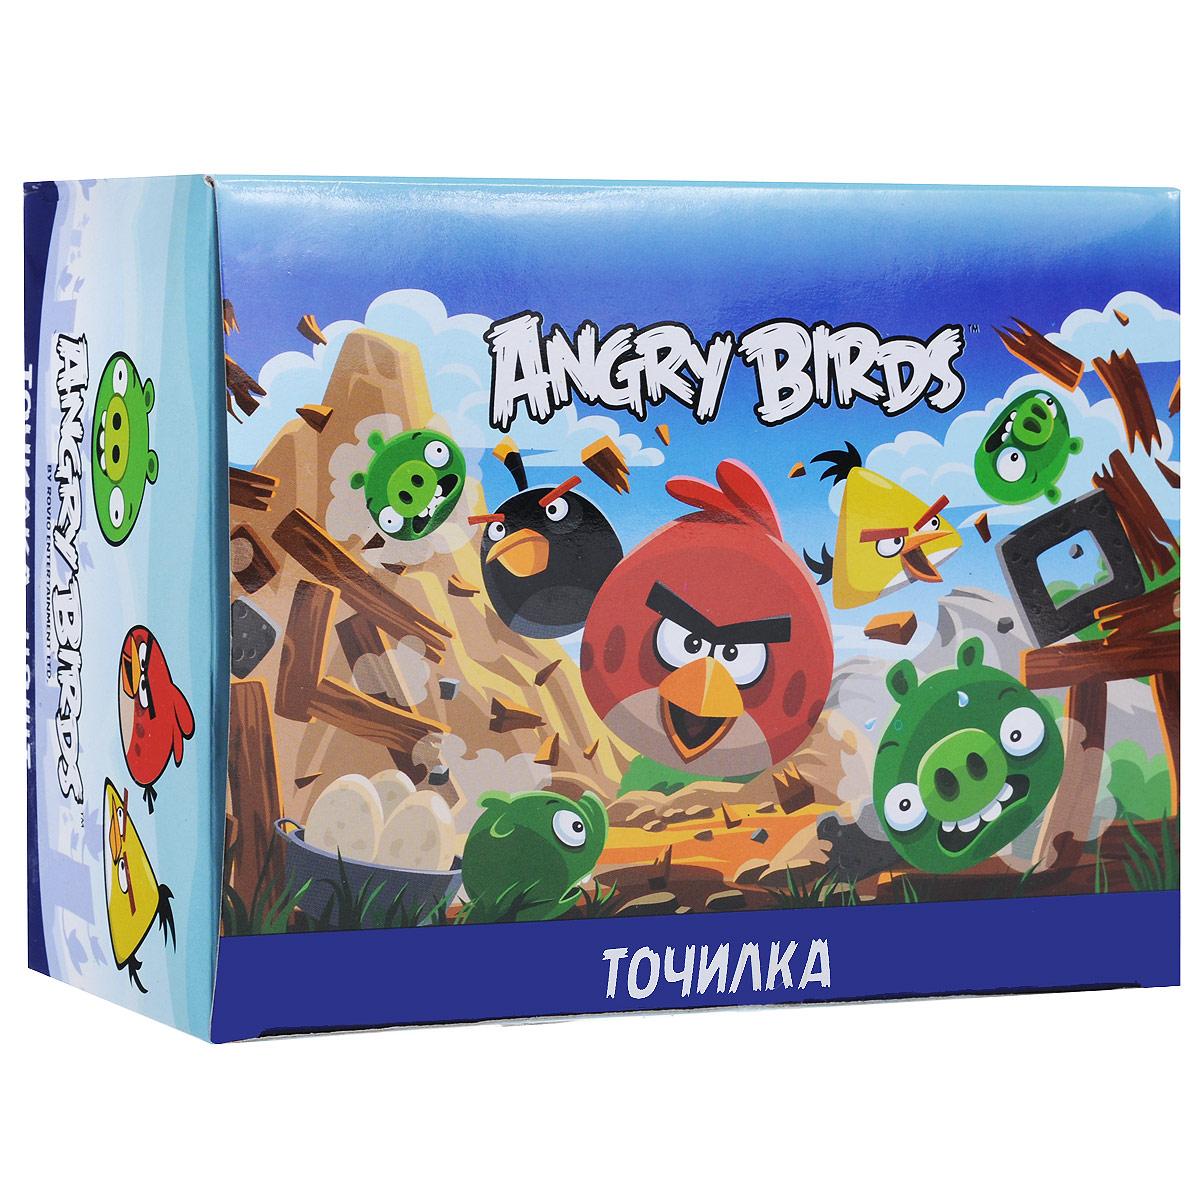 Набор точилок Angry Birds, 48 шт72523WDТочилки из набора Angry Birds предназначены для затачивания карандашей.Круглые точилки выполнены из яркого пластика. Каждая точилка оформлена изображением одного из персонажей популярной компьютерной игры Angry Birds.В наборе 48 точилок красного, прозрачного и зеленого цветов (по 16 точилок каждого цвета).